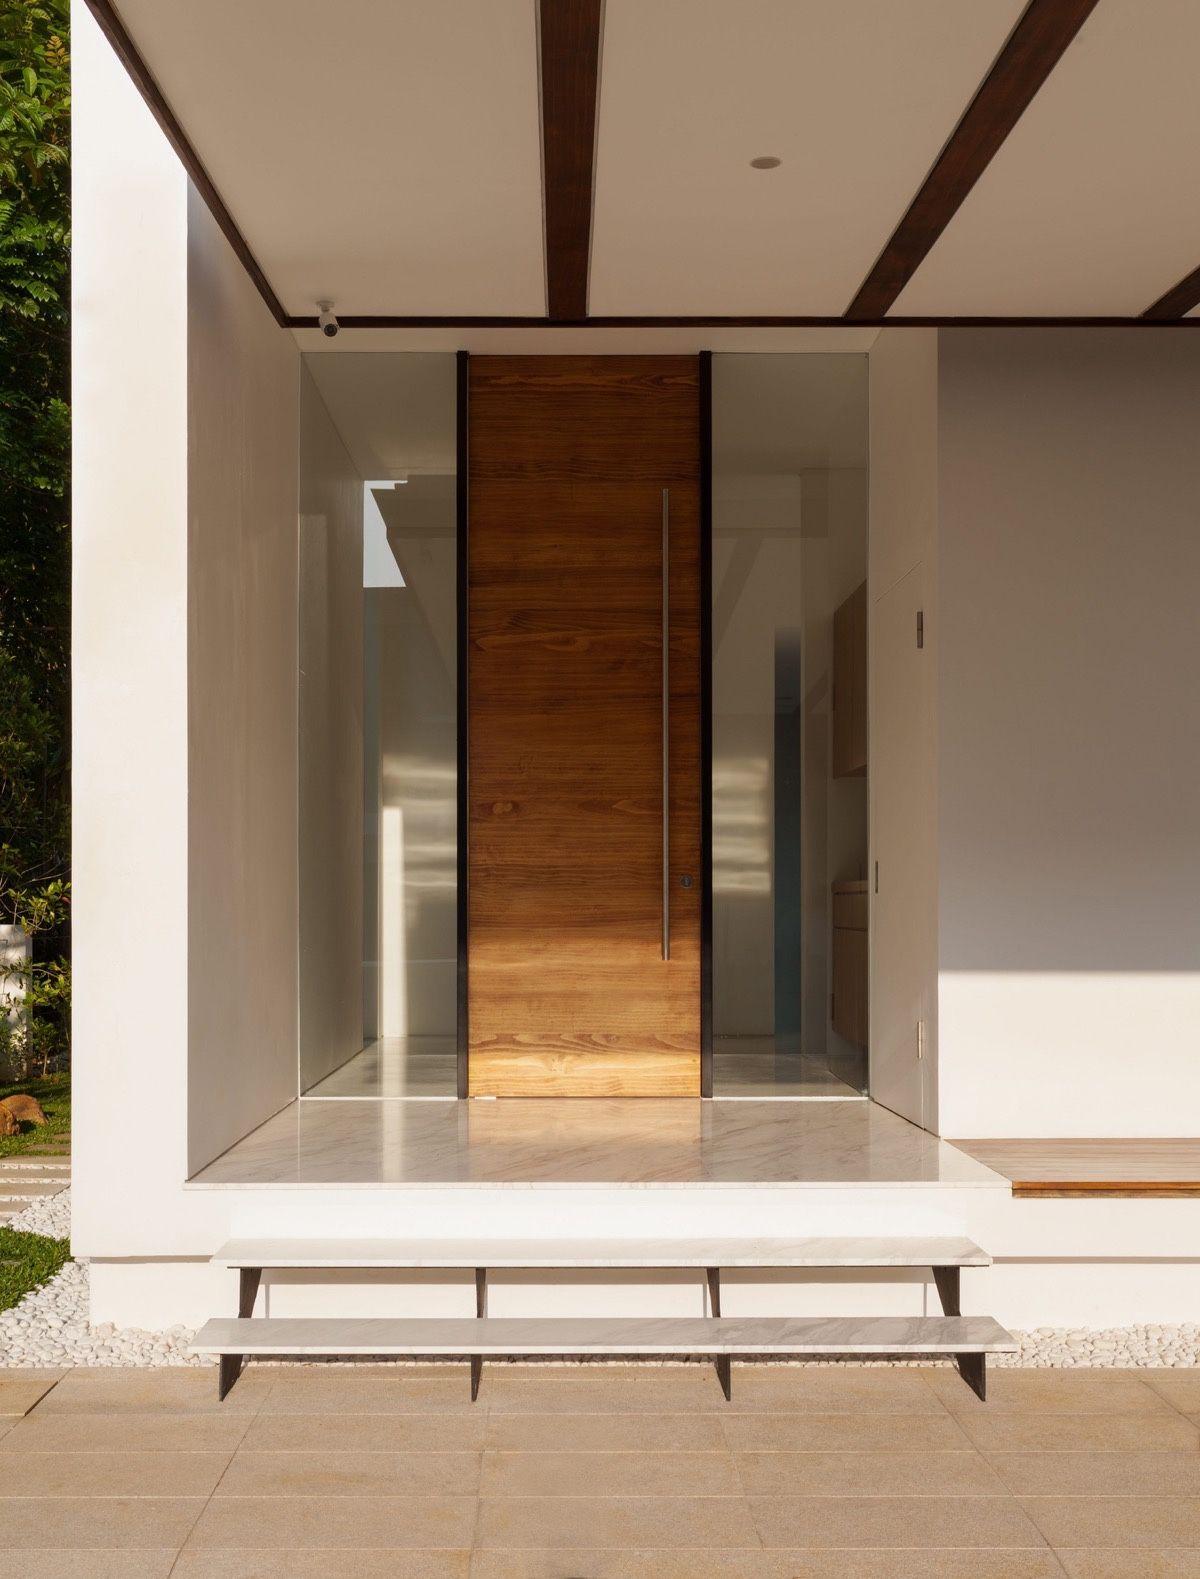 Entrée Moderne Maison intérieur 15 portes d'entrée modernes à découvrir | entrée moderne, entrée et